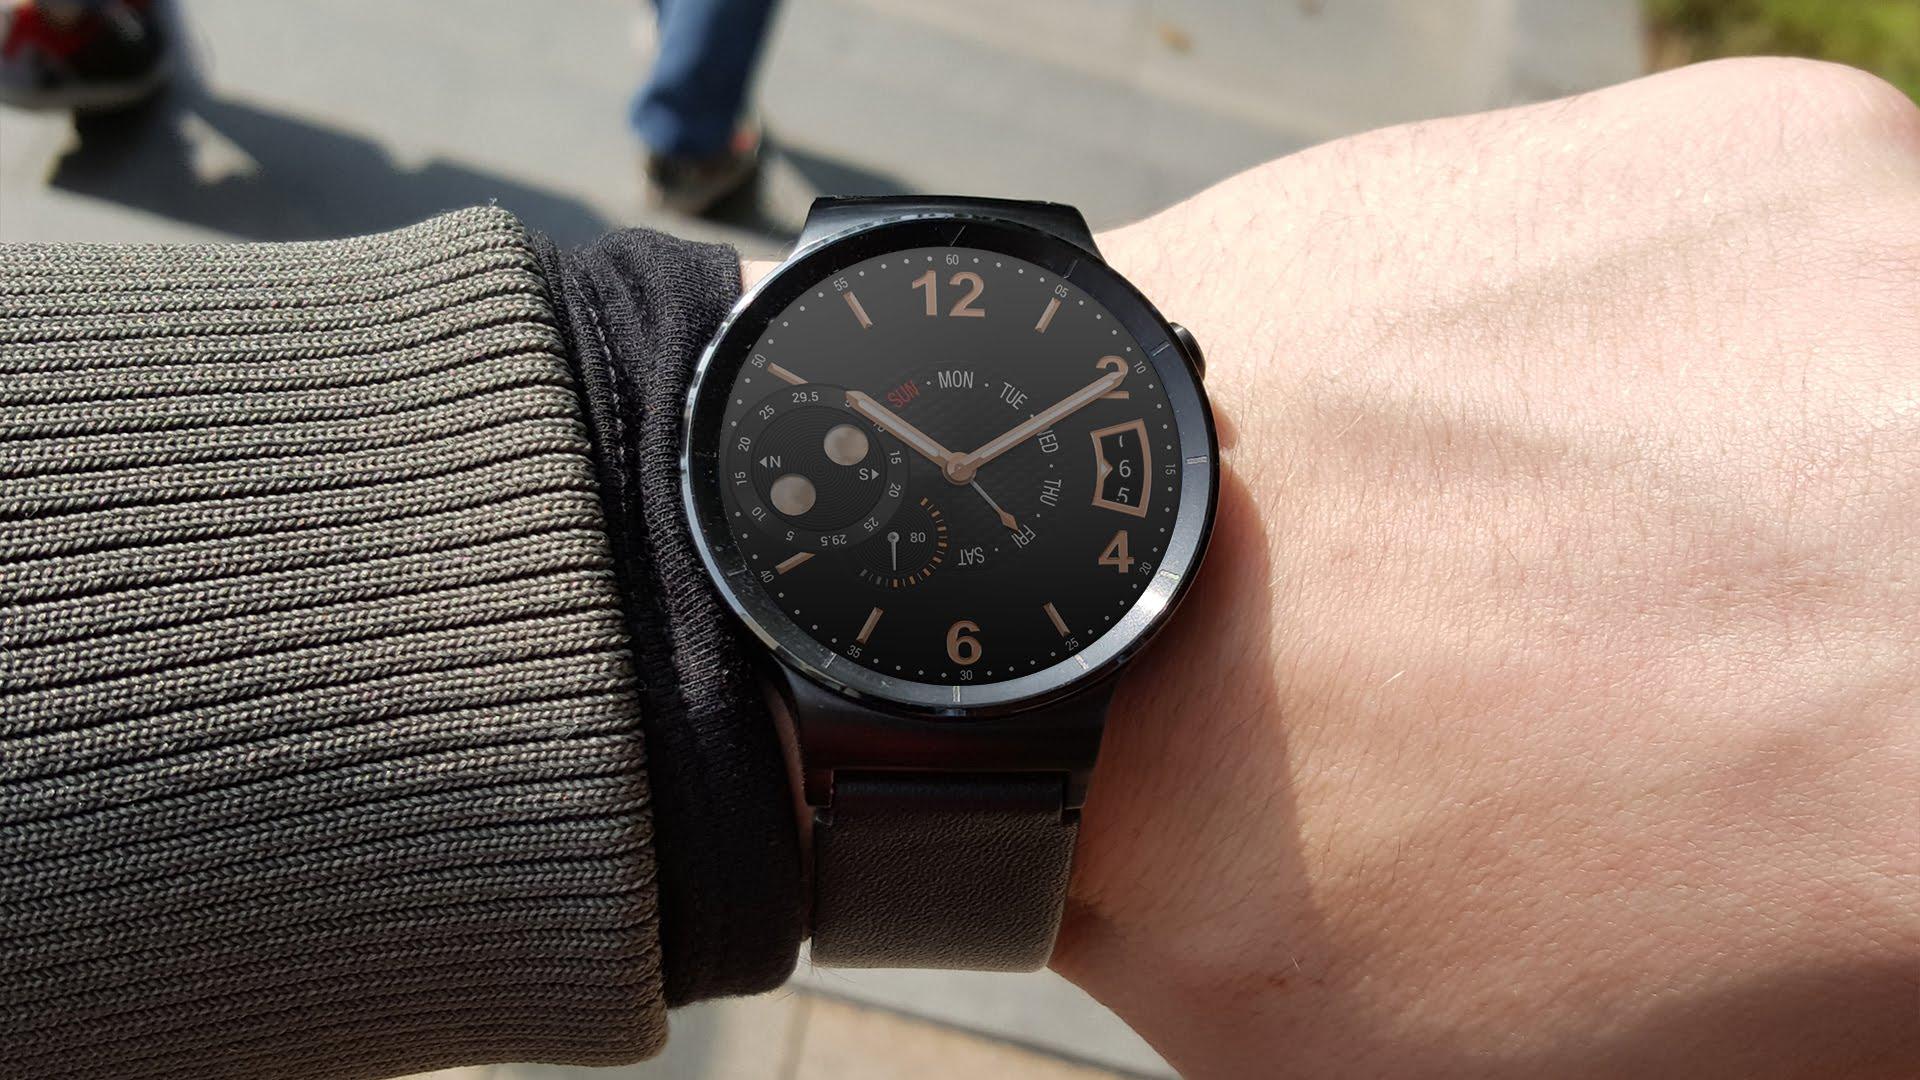 razbiraemsya-v-brendakh_smartchasy-huawei-watch-na-ruke